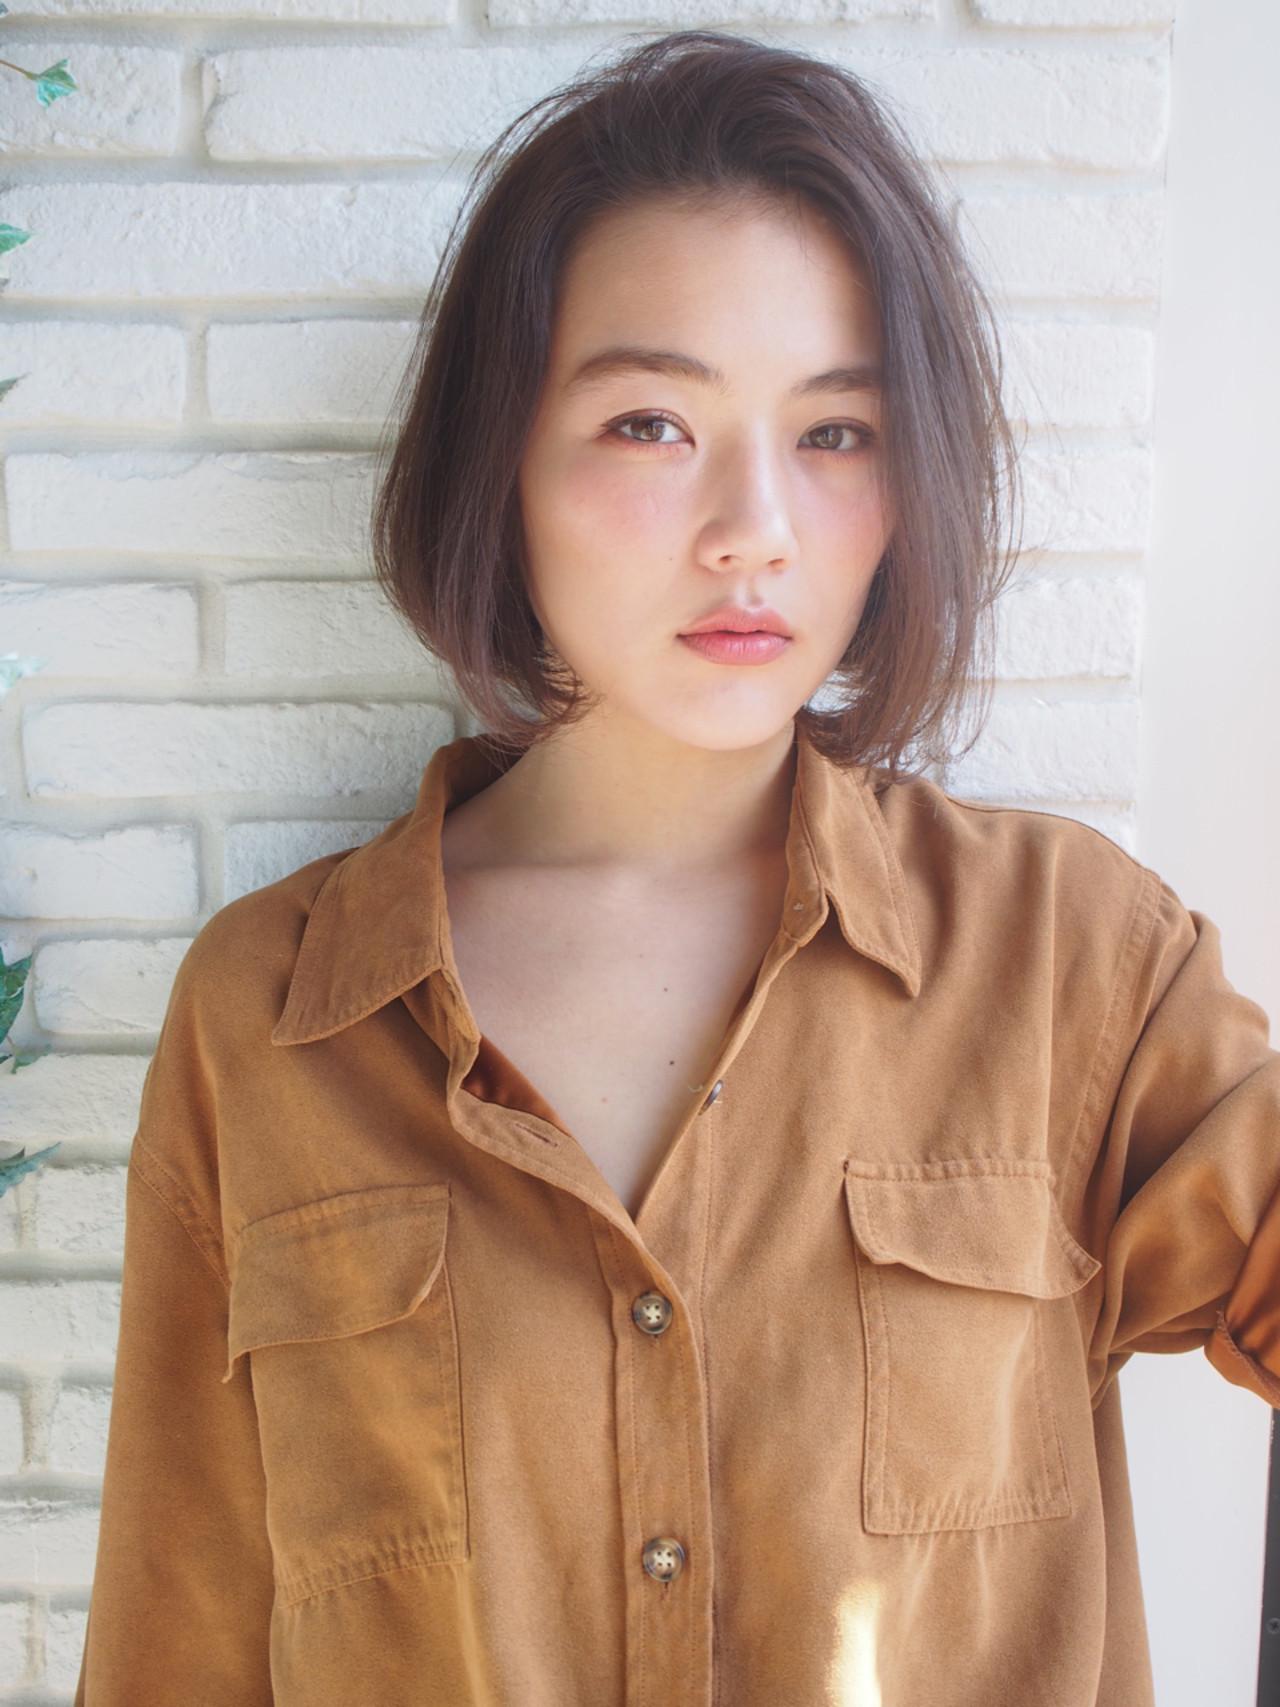 スモーキーカラー 大人女子 抜け感 コンサバ ヘアスタイルや髪型の写真・画像 | 一色 さおり / LOAVE AOYAMA(ローブ アオヤマ)